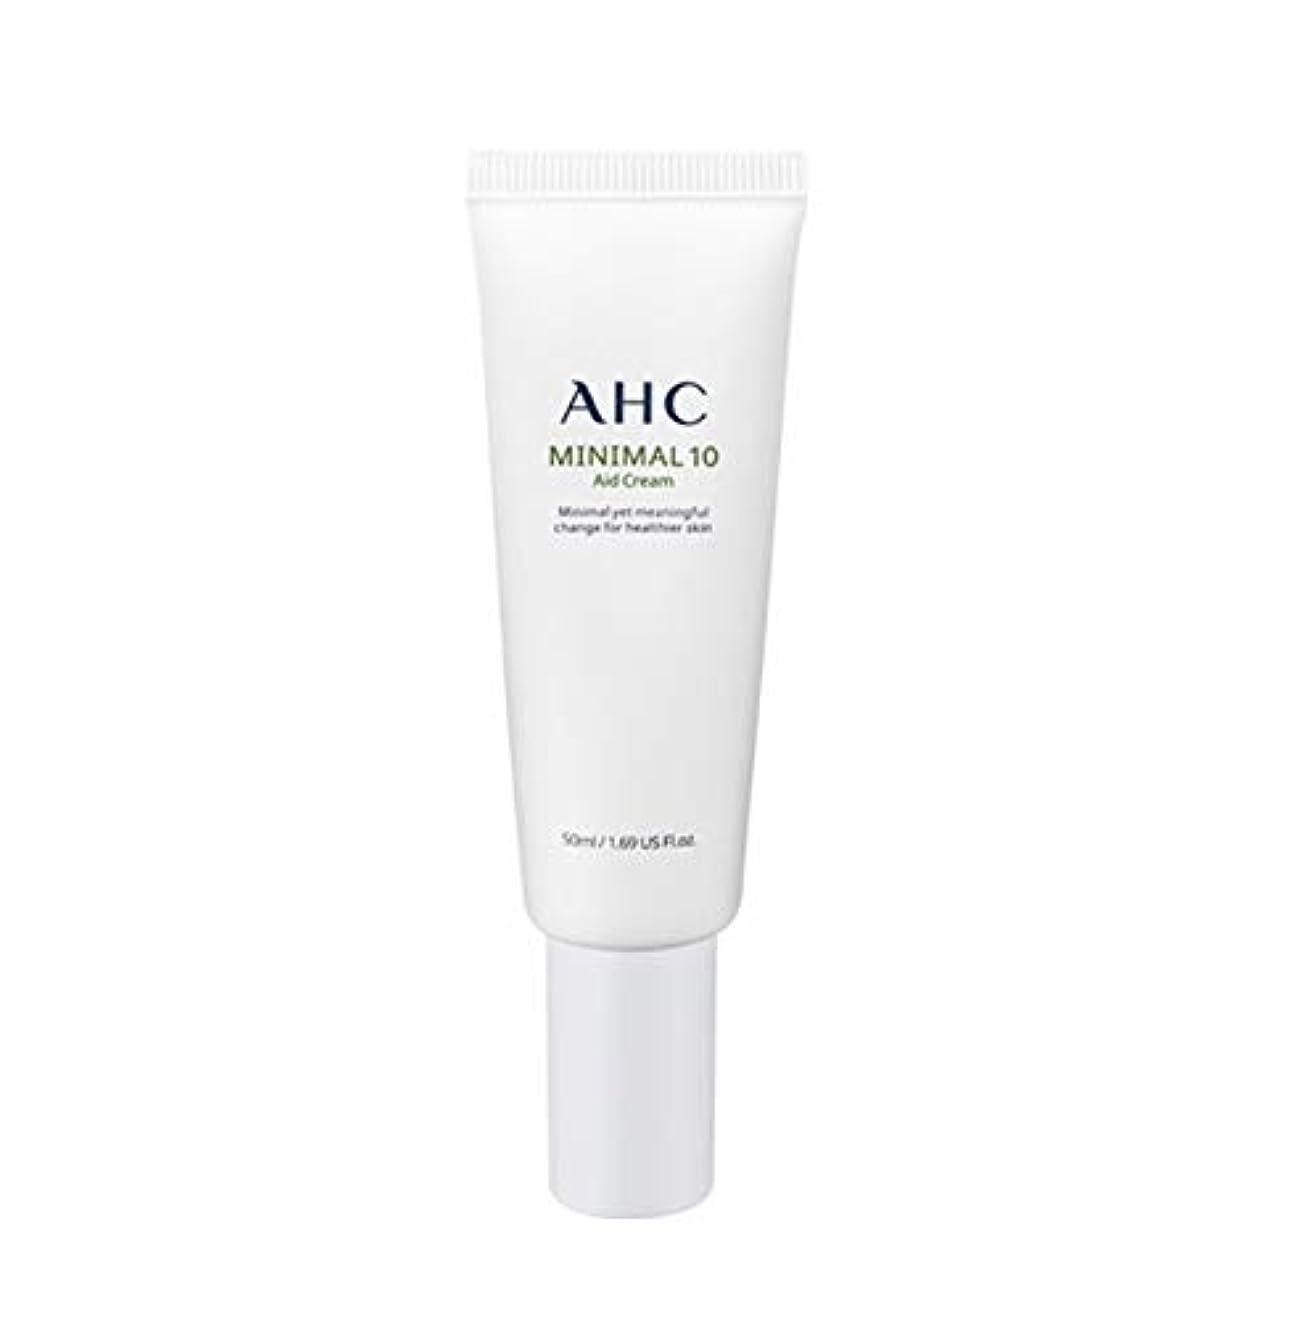 早く呼吸する不当AHC ミニマル10エイドクリーム 50ml / AHC MINIMAL 10 AID CREAM 50ml [並行輸入品]